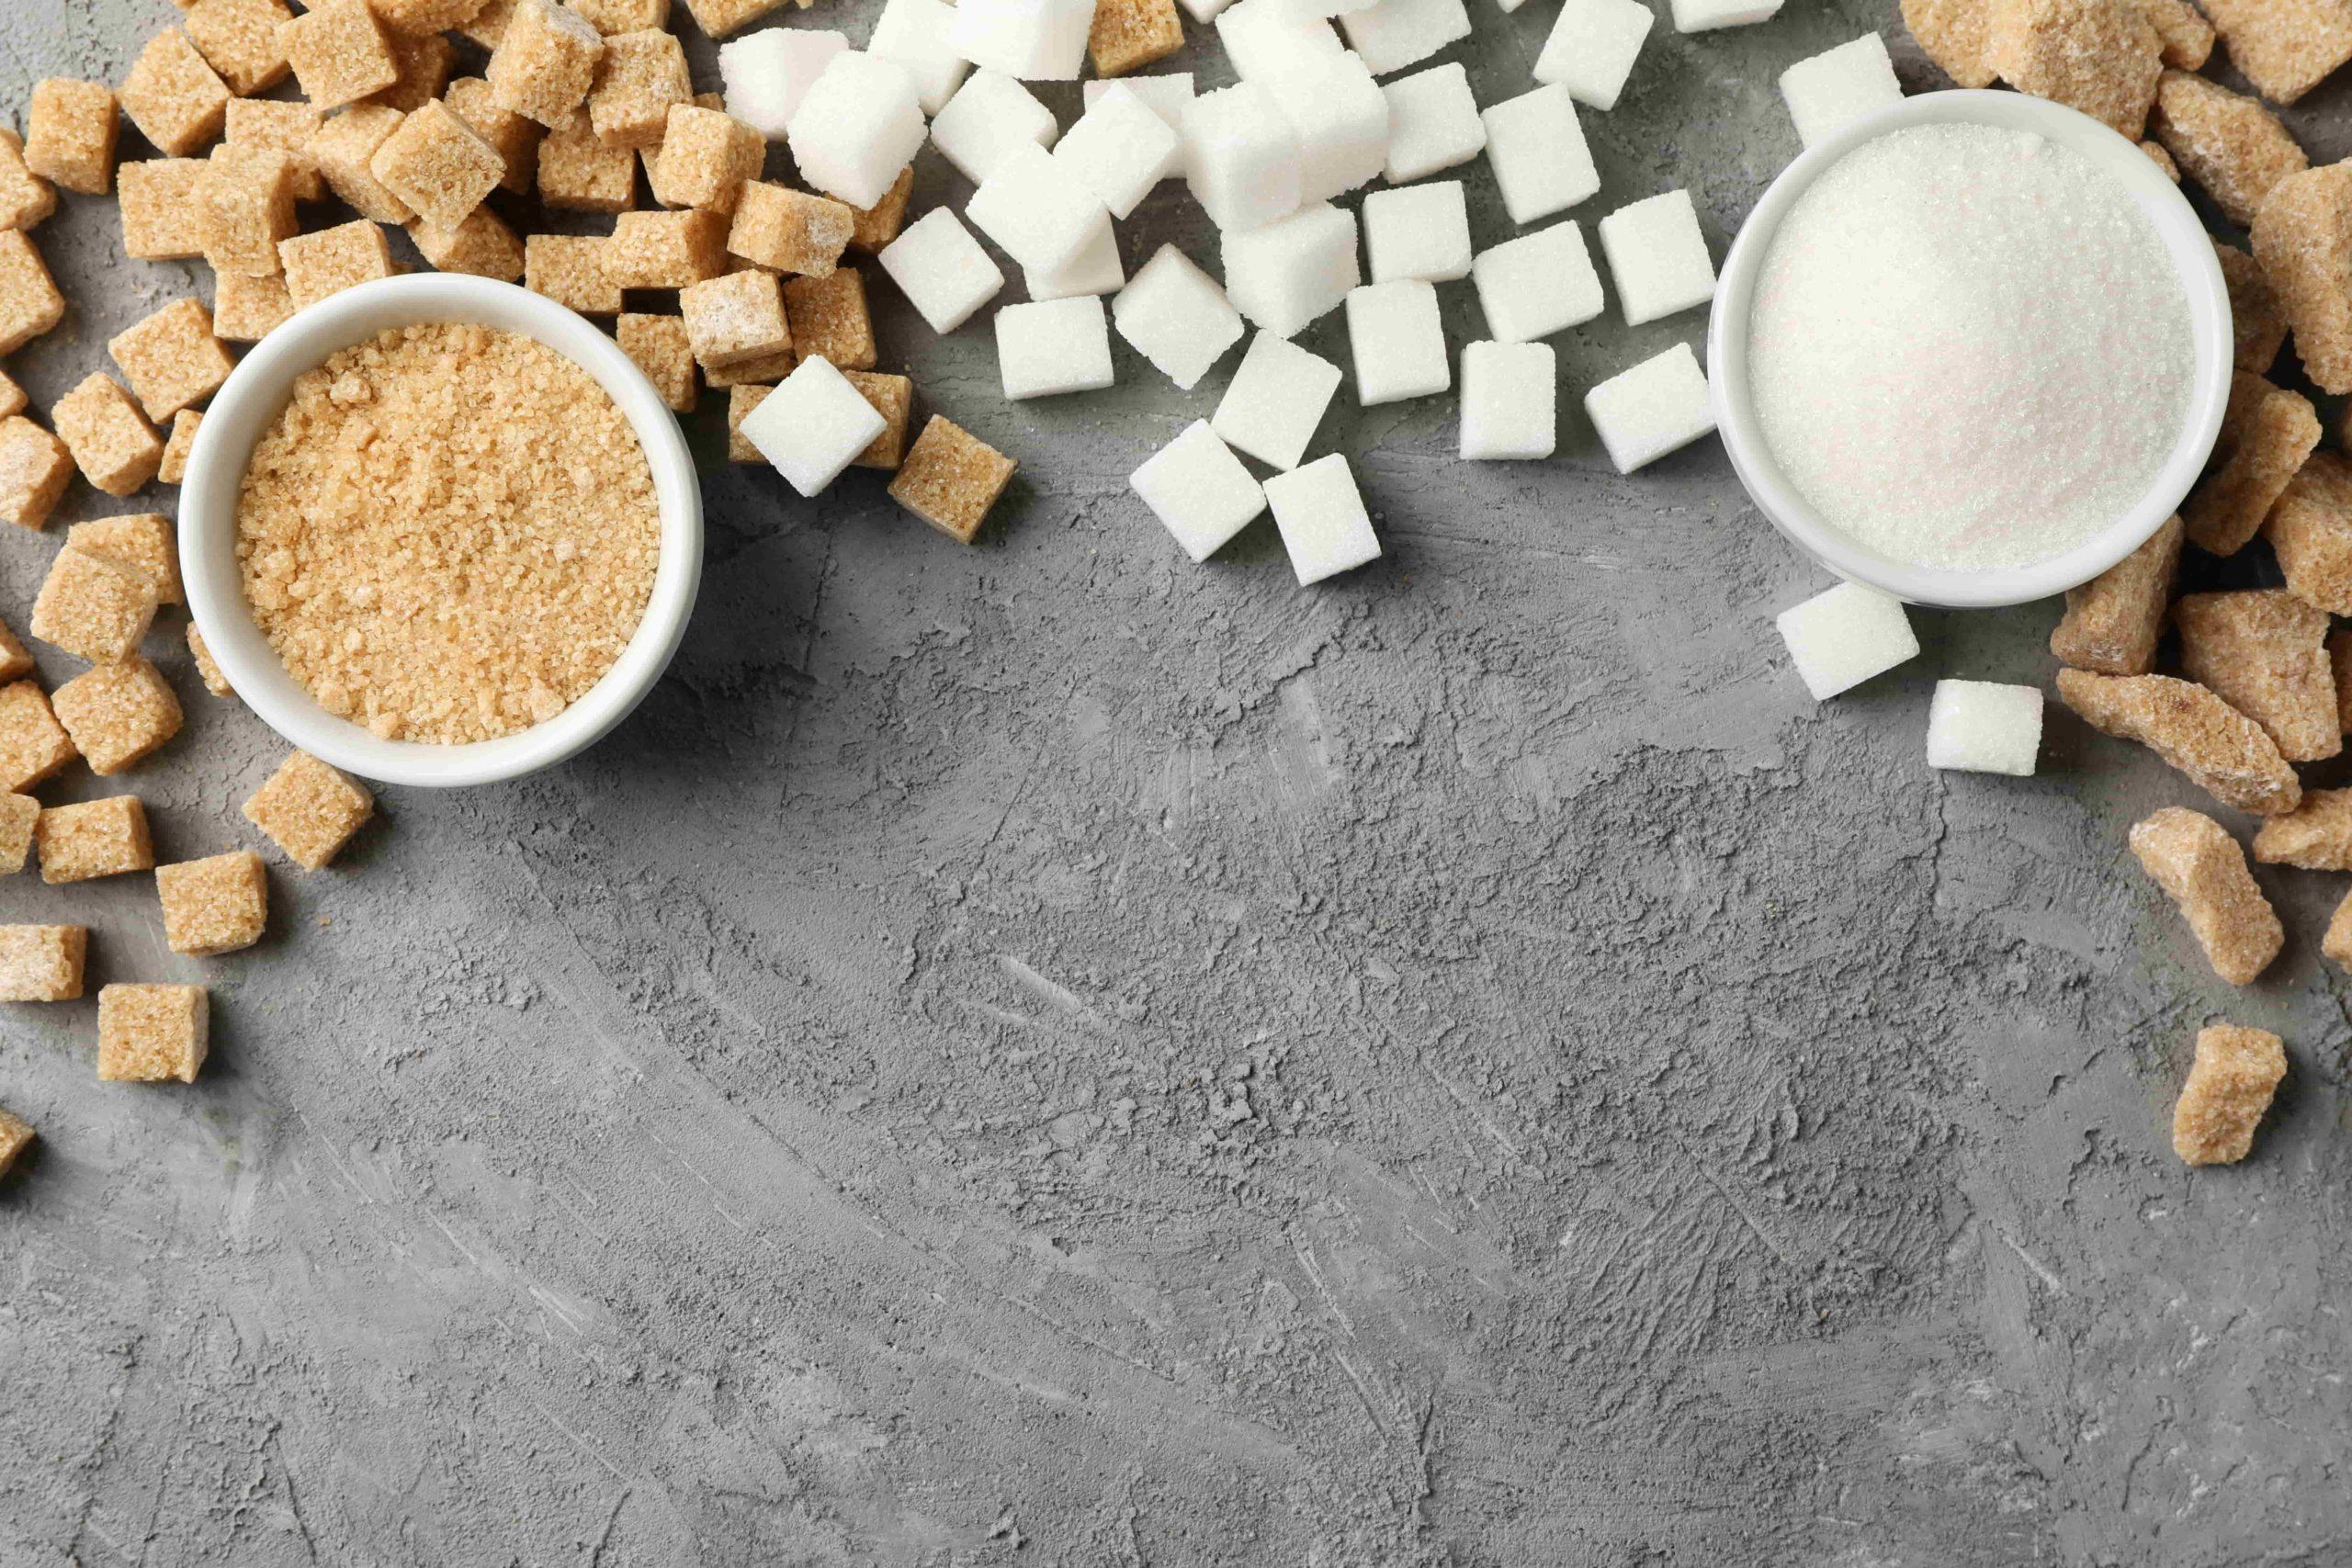 Сахар чем можно заменить его при правильном питании